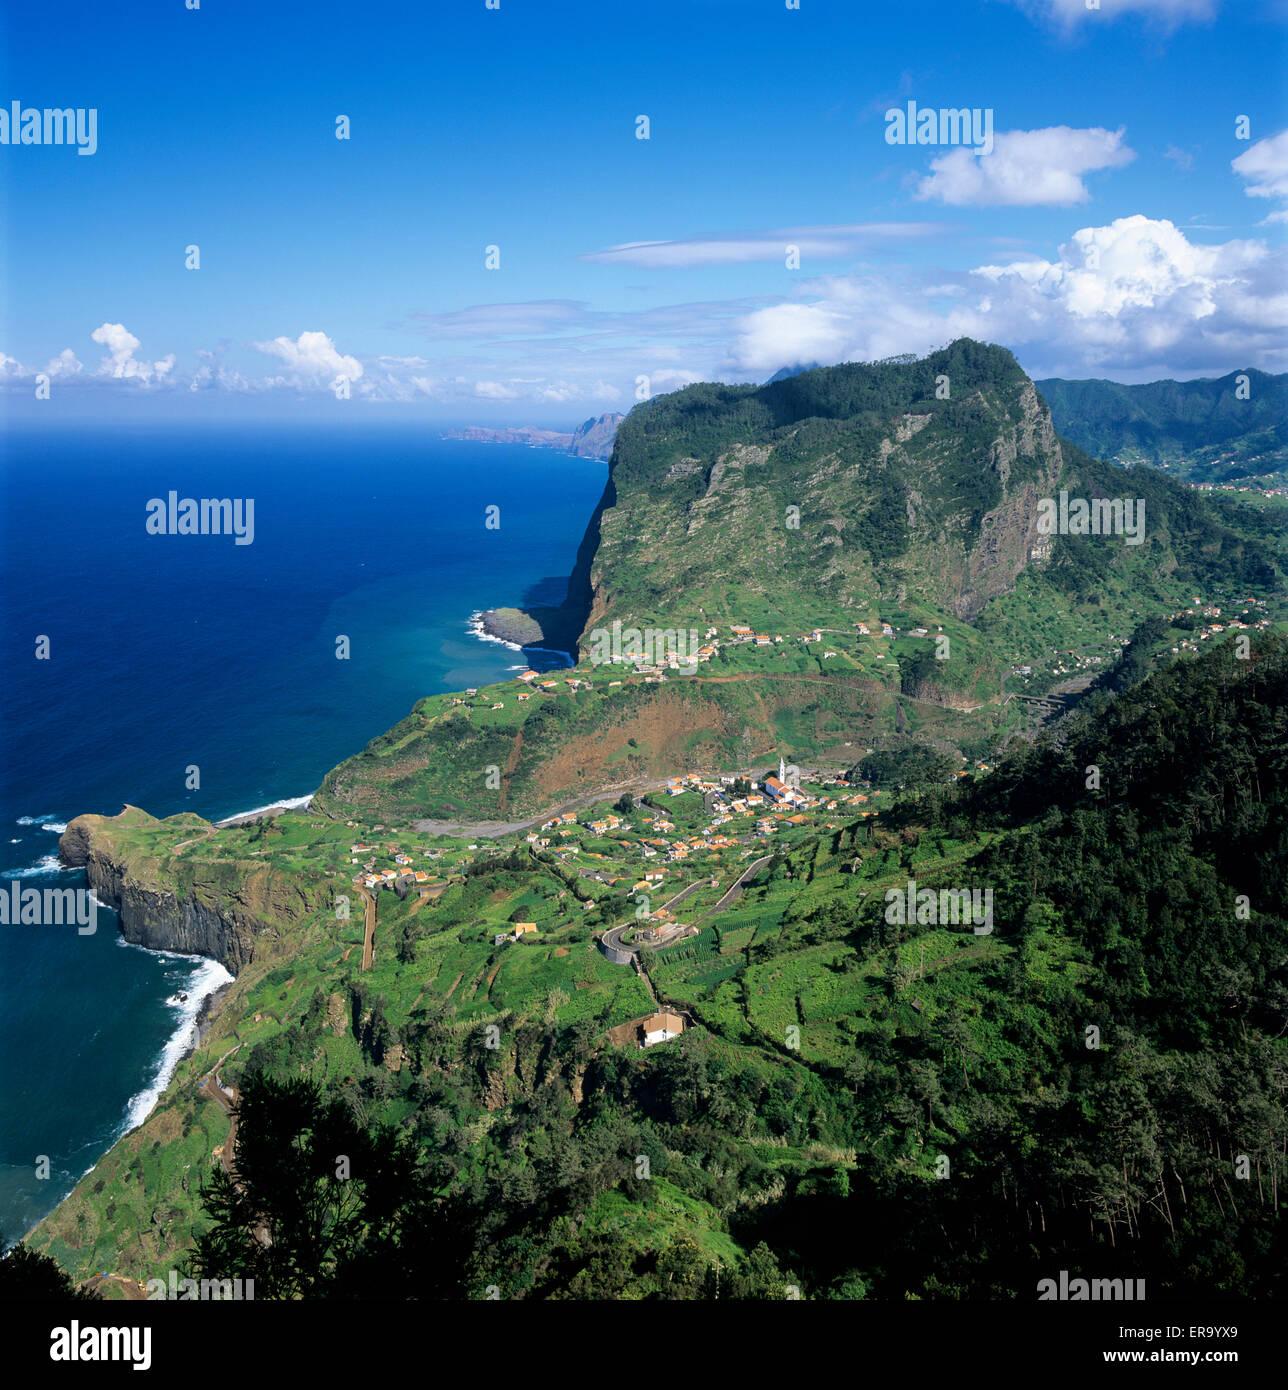 Eagle Rock (Penha de Aguia), Faial, Madeira, Portugal, Europe - Stock Image